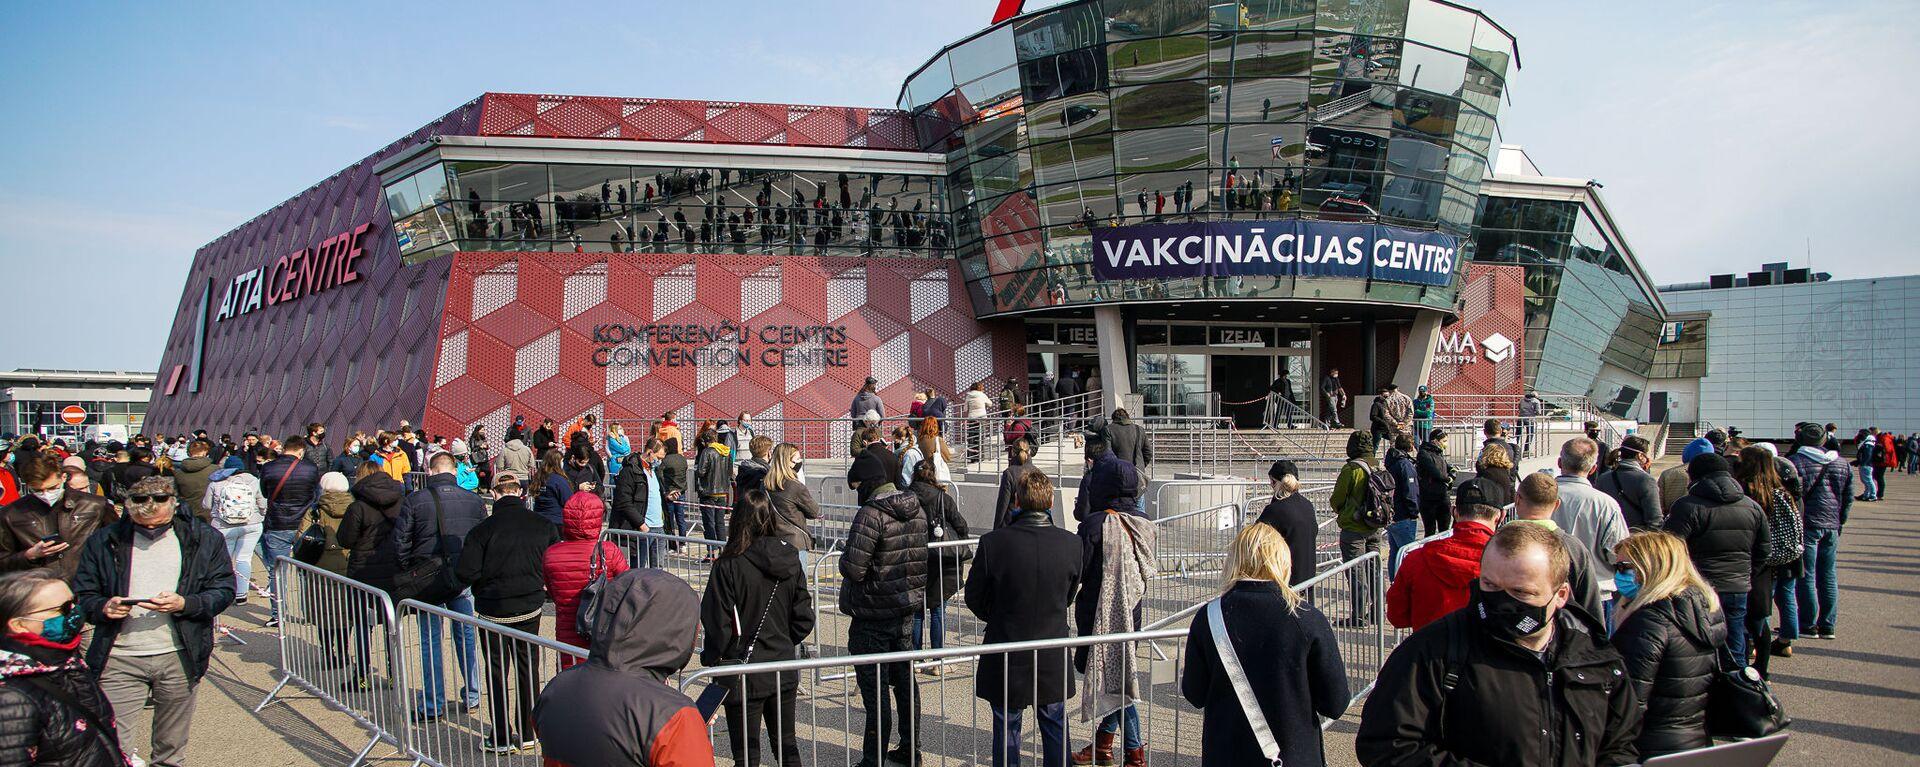 Люди стоят в очереди на прививку от COVID-19 в Риге - Sputnik Latvija, 1920, 17.04.2021